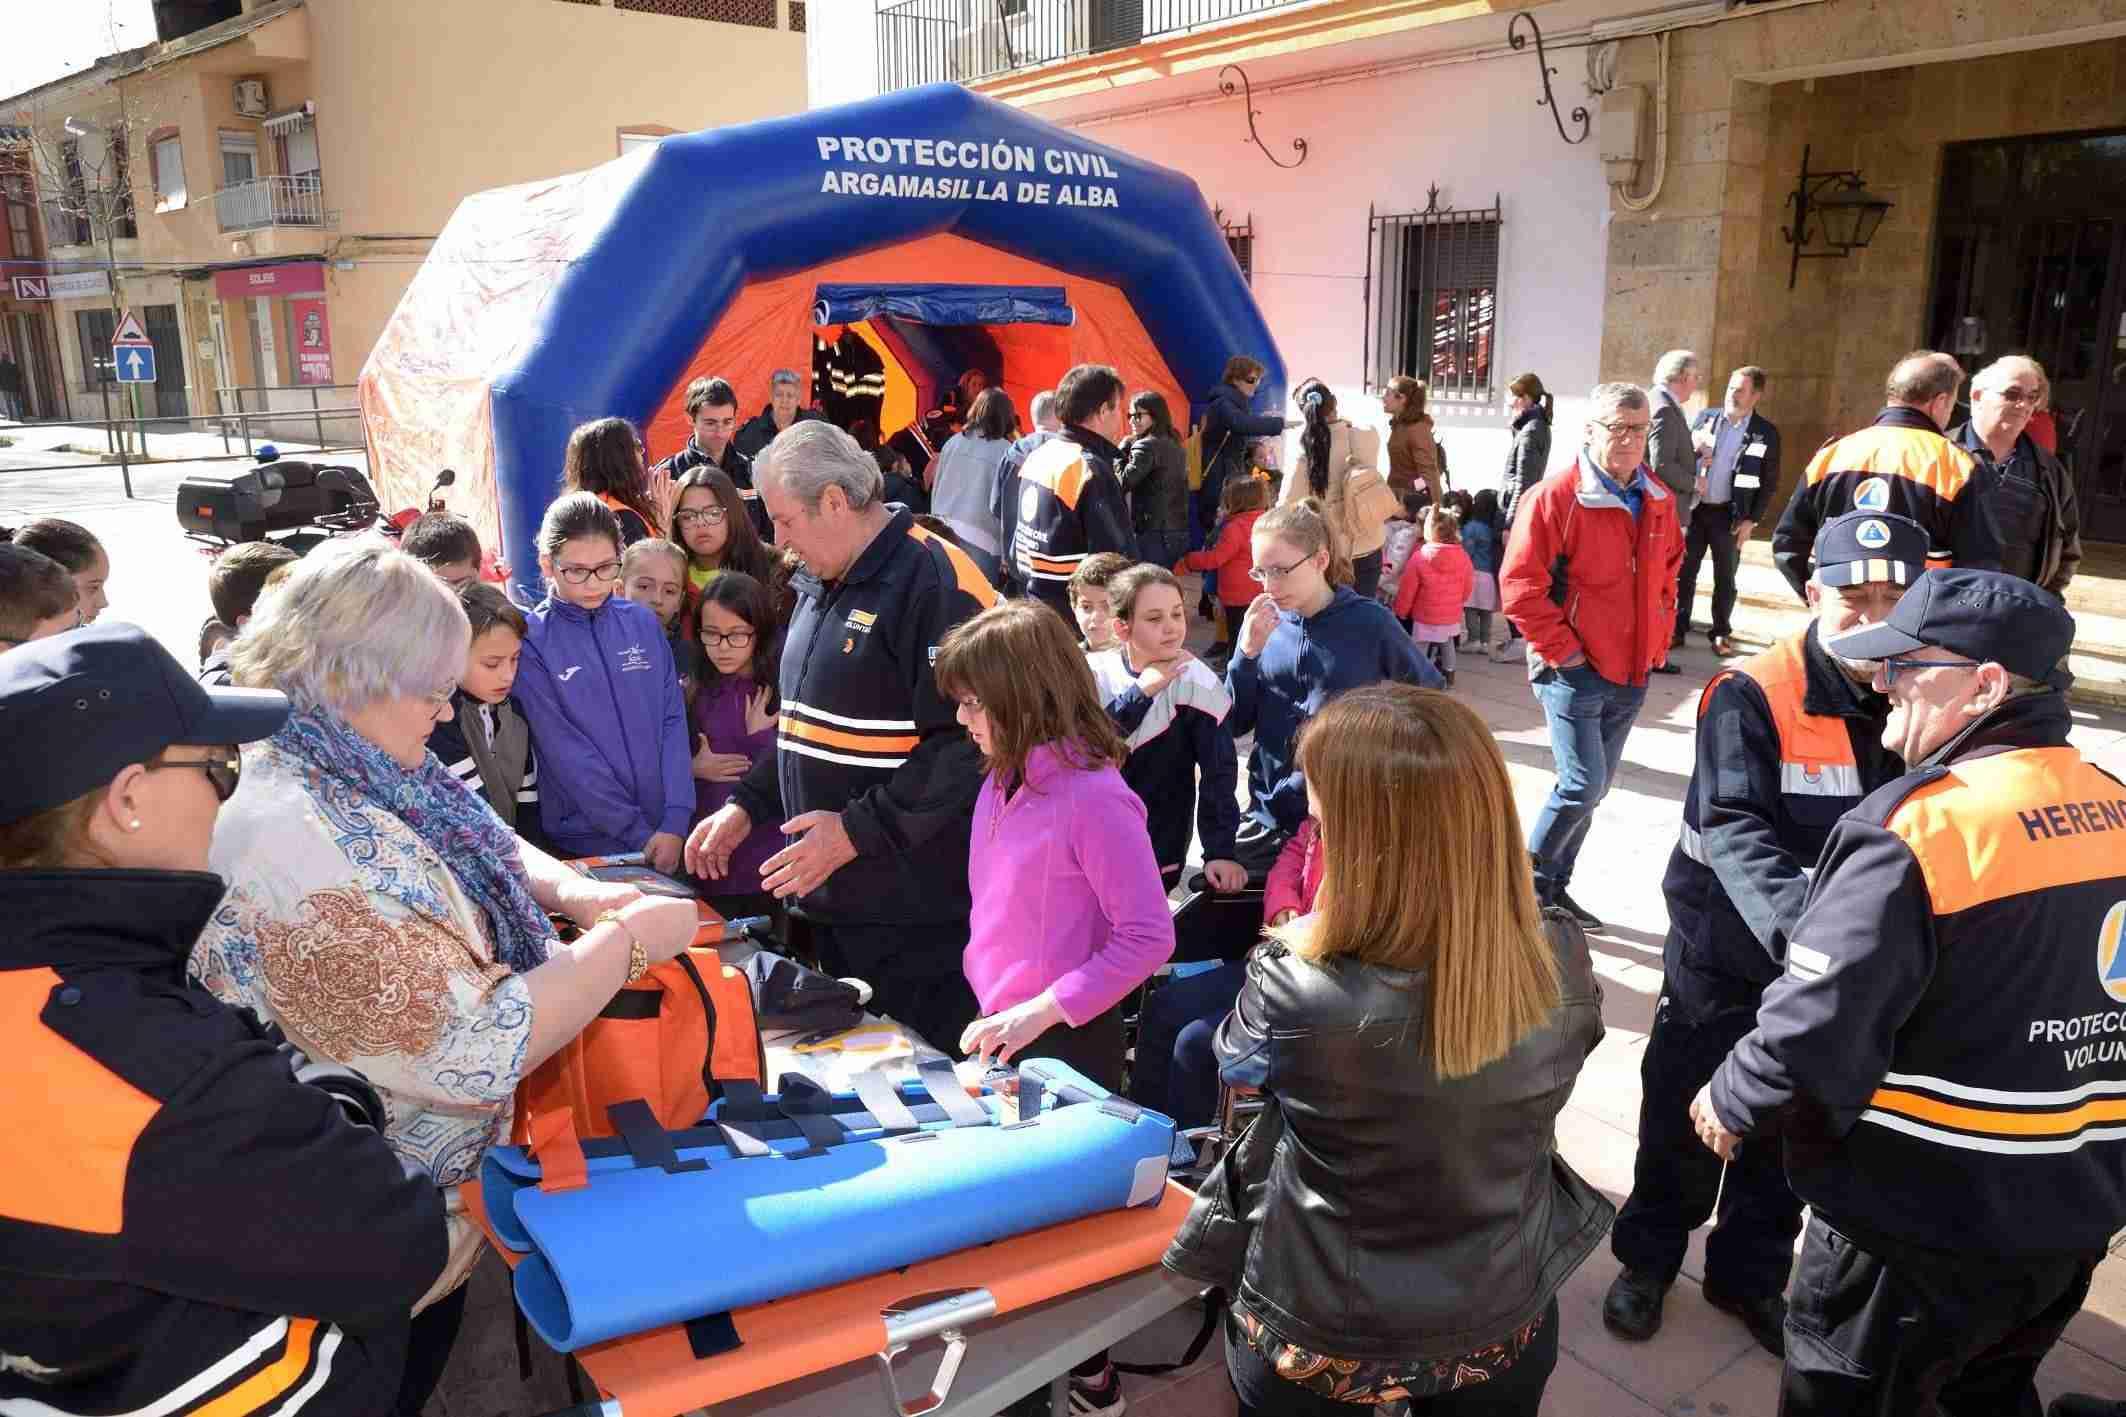 Argamasilla de Alba acoge la entrega de material de emergencia a siete agrupaciones de Protección Civil 1